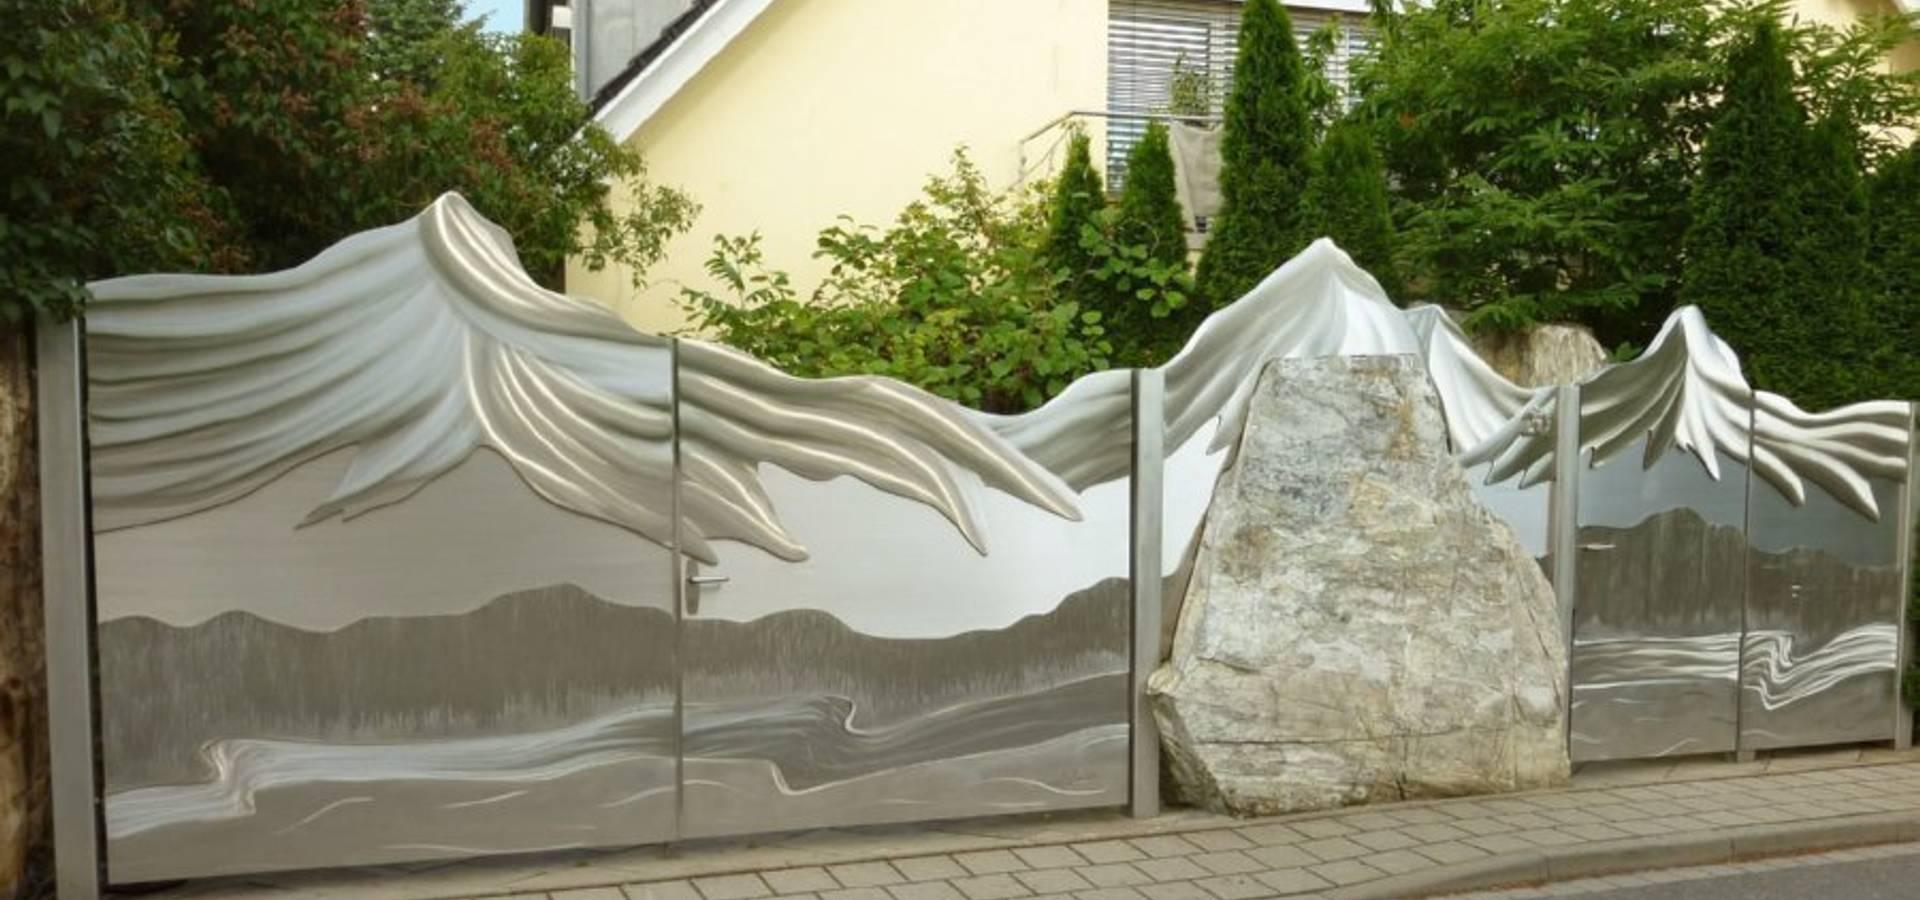 Edelstahl Atelier Crouse – Stainless Steel Atelier